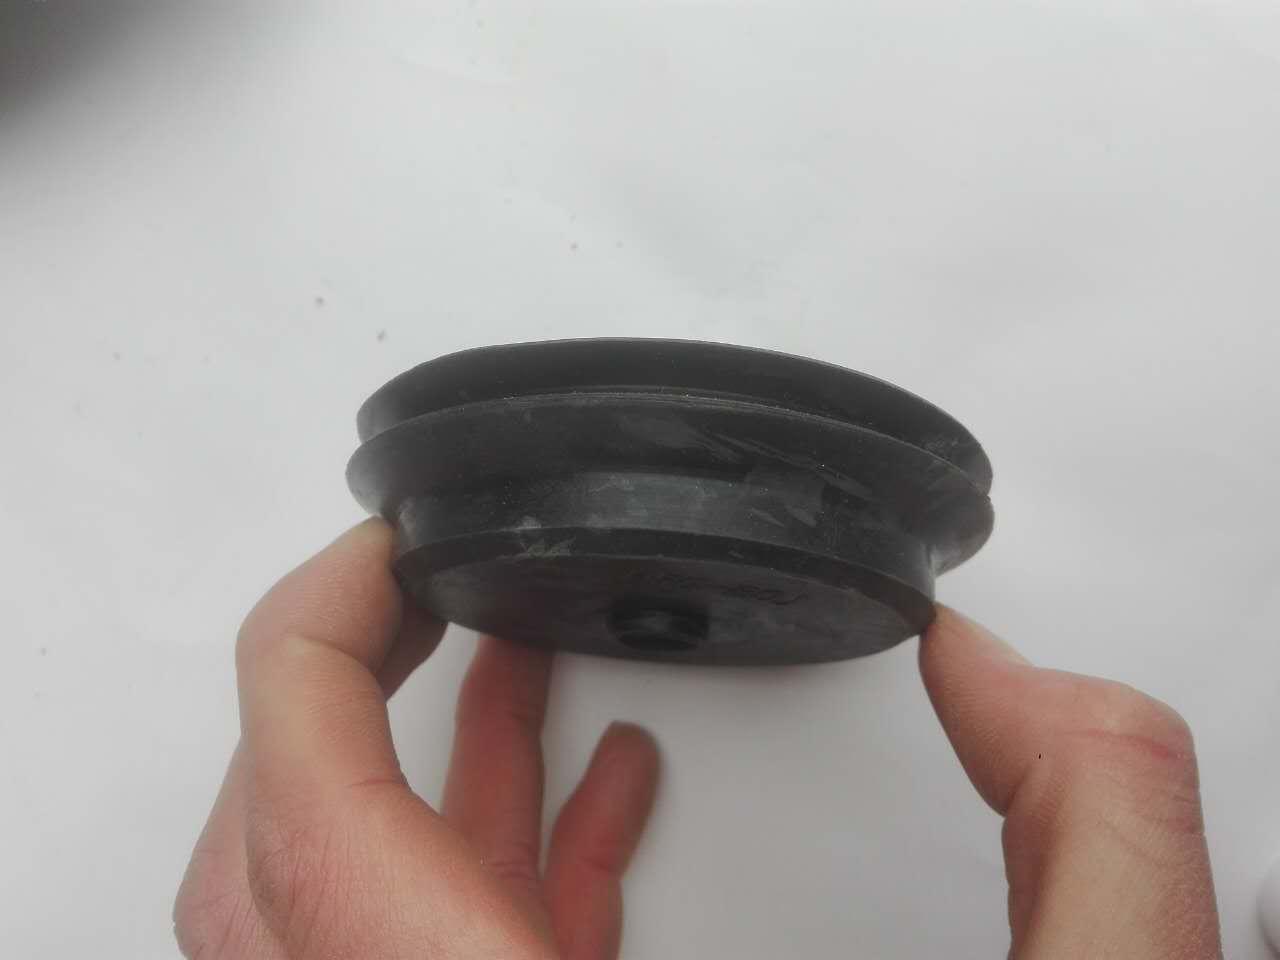 橡胶吸盘图片/橡胶吸盘样板图 (1)